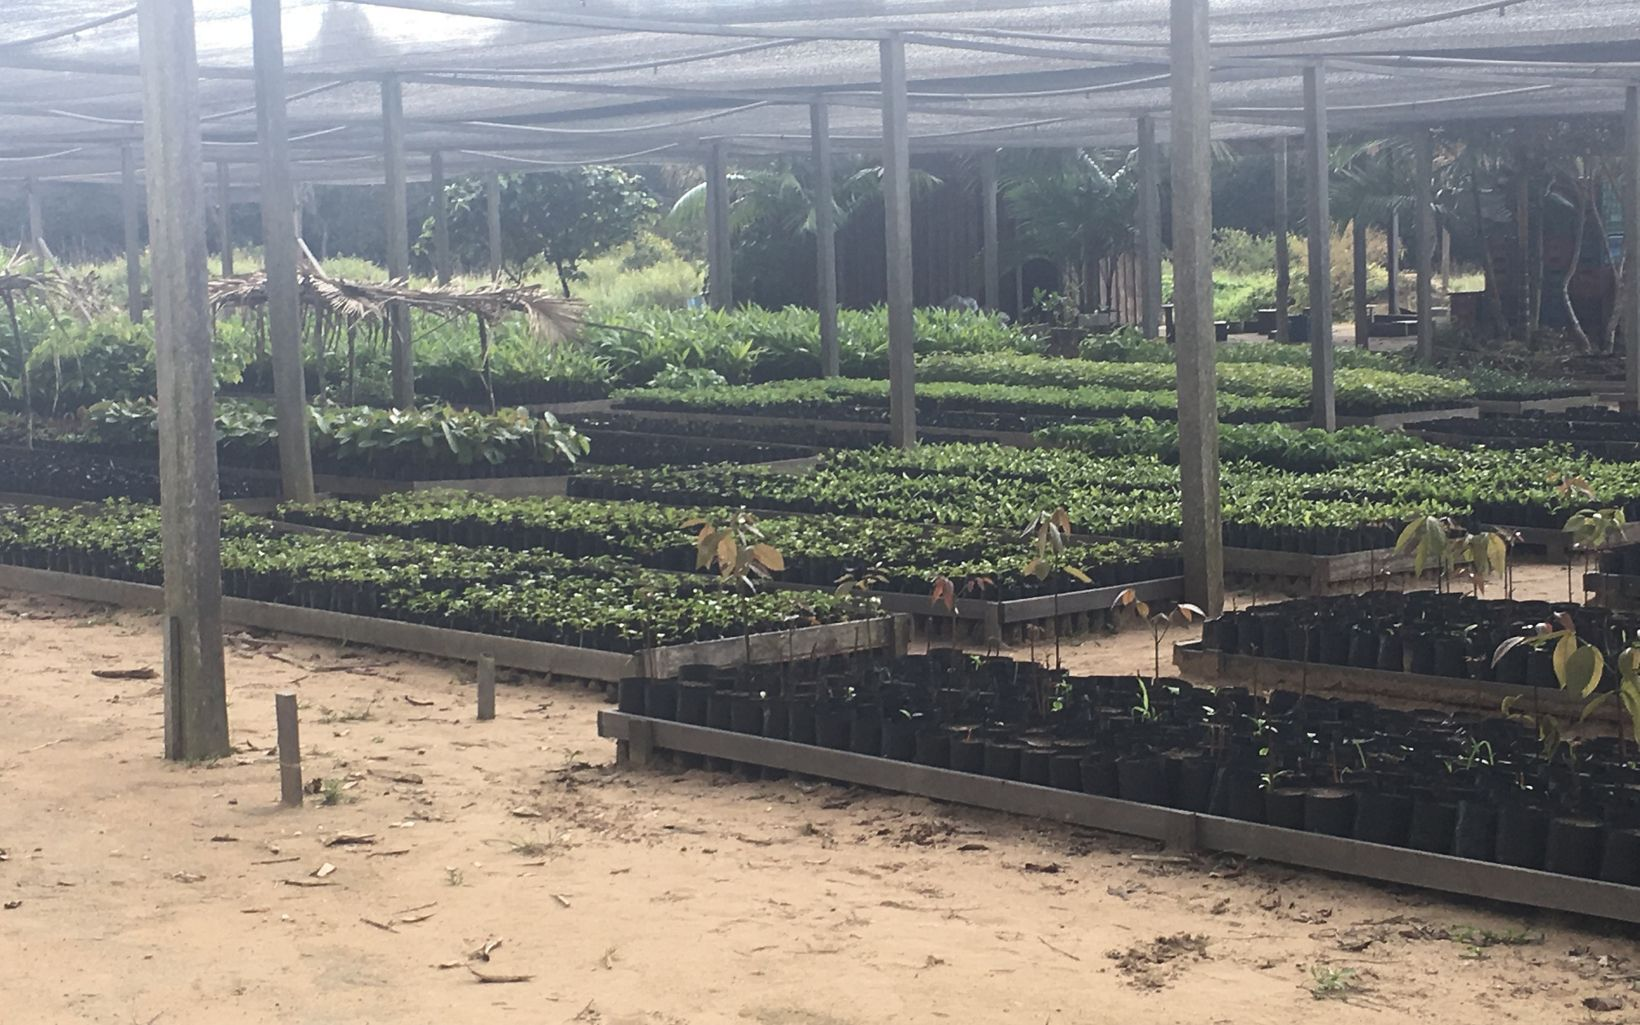 Viveiro de mudas no Centro Experimental Floresta Ativa (CEFA), na Reserva Extrativista Tapajós-Arapiuns